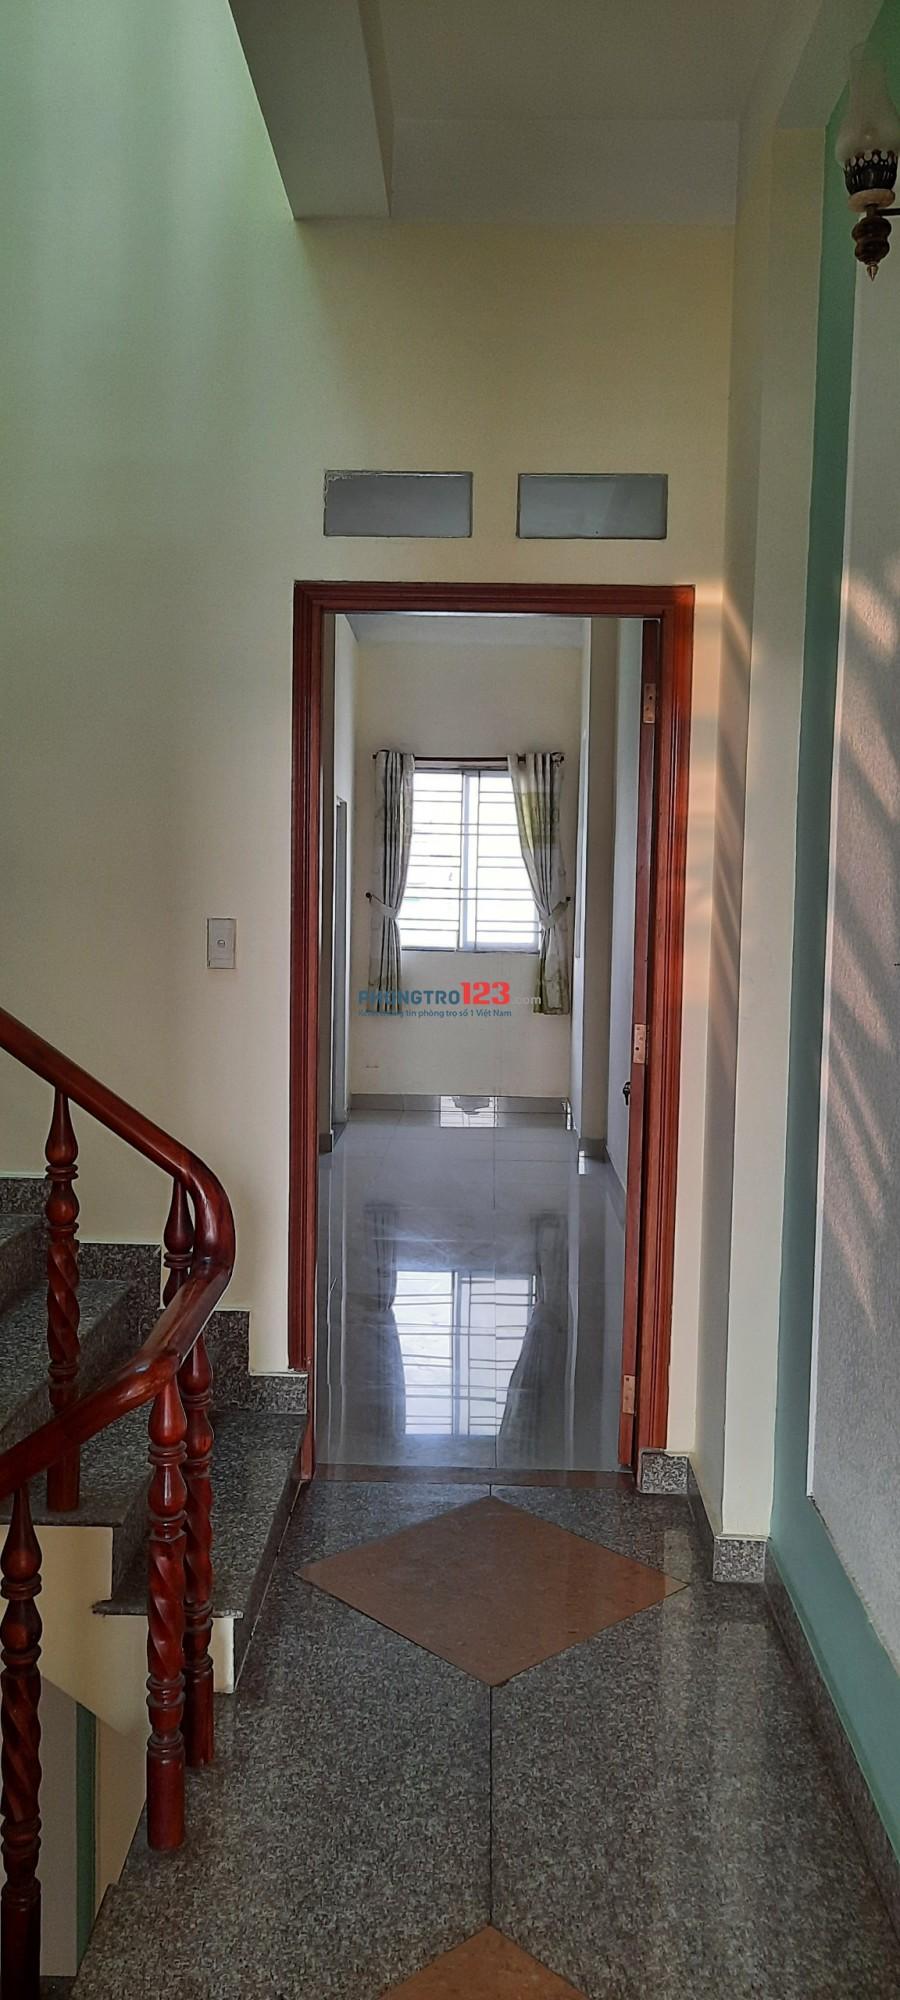 Nhà nguyên căn, tại địa chỉ MP 23/3, ĐHT42, P. Tân Hưng Thuận, Q12